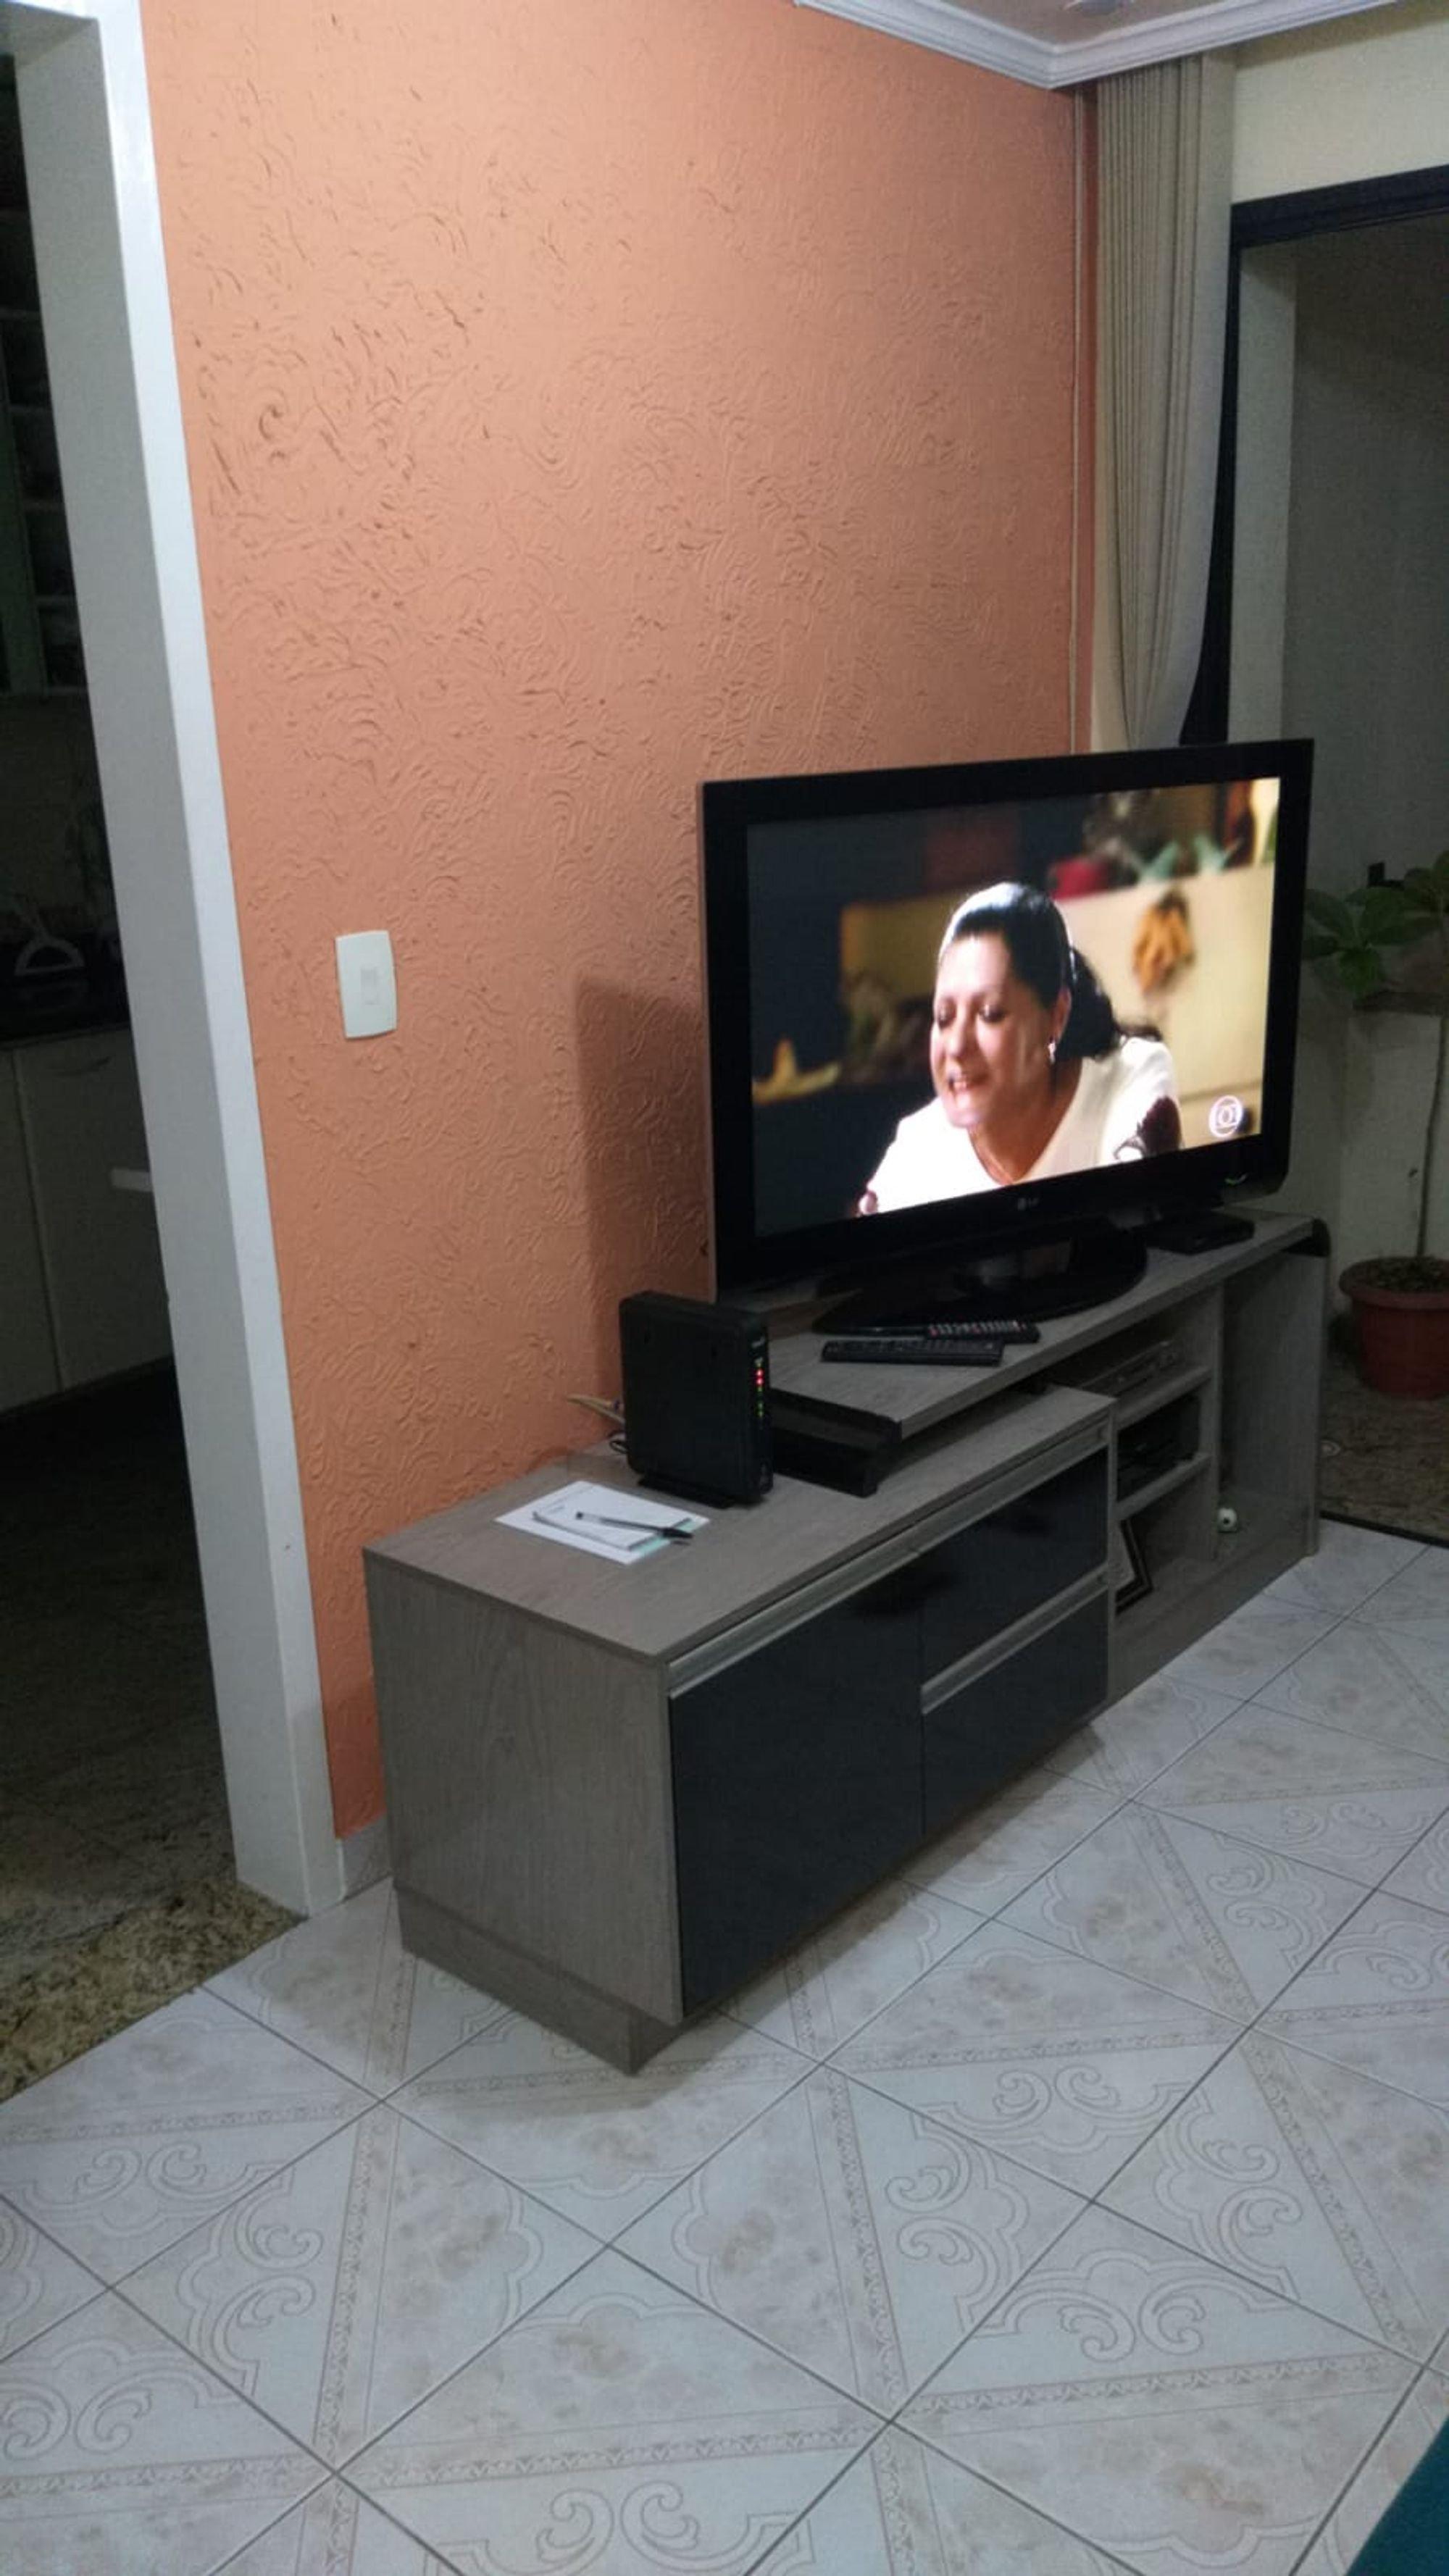 Foto de Sala com vaso de planta, televisão, pessoa